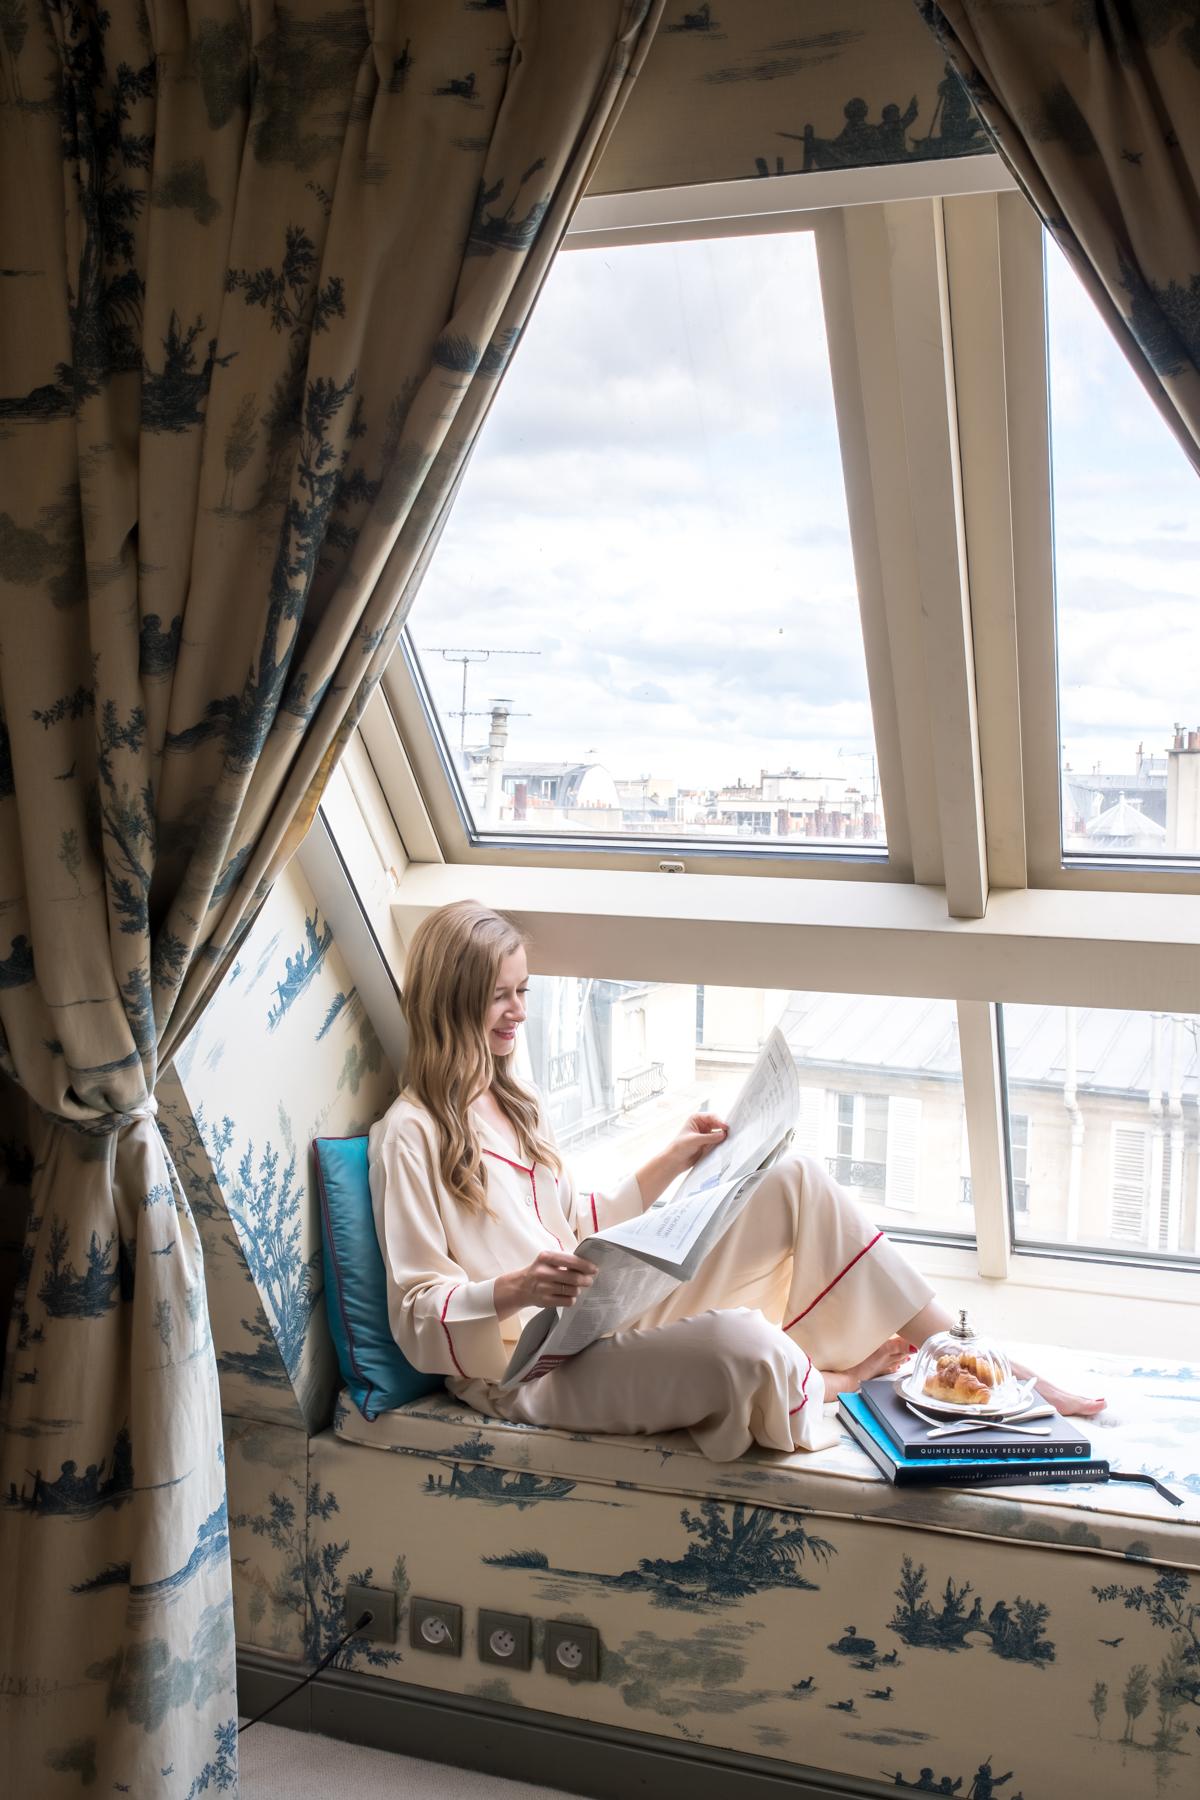 Stacie Flinner Hotel Daniel Relais Chateaux Paris-22.jpg